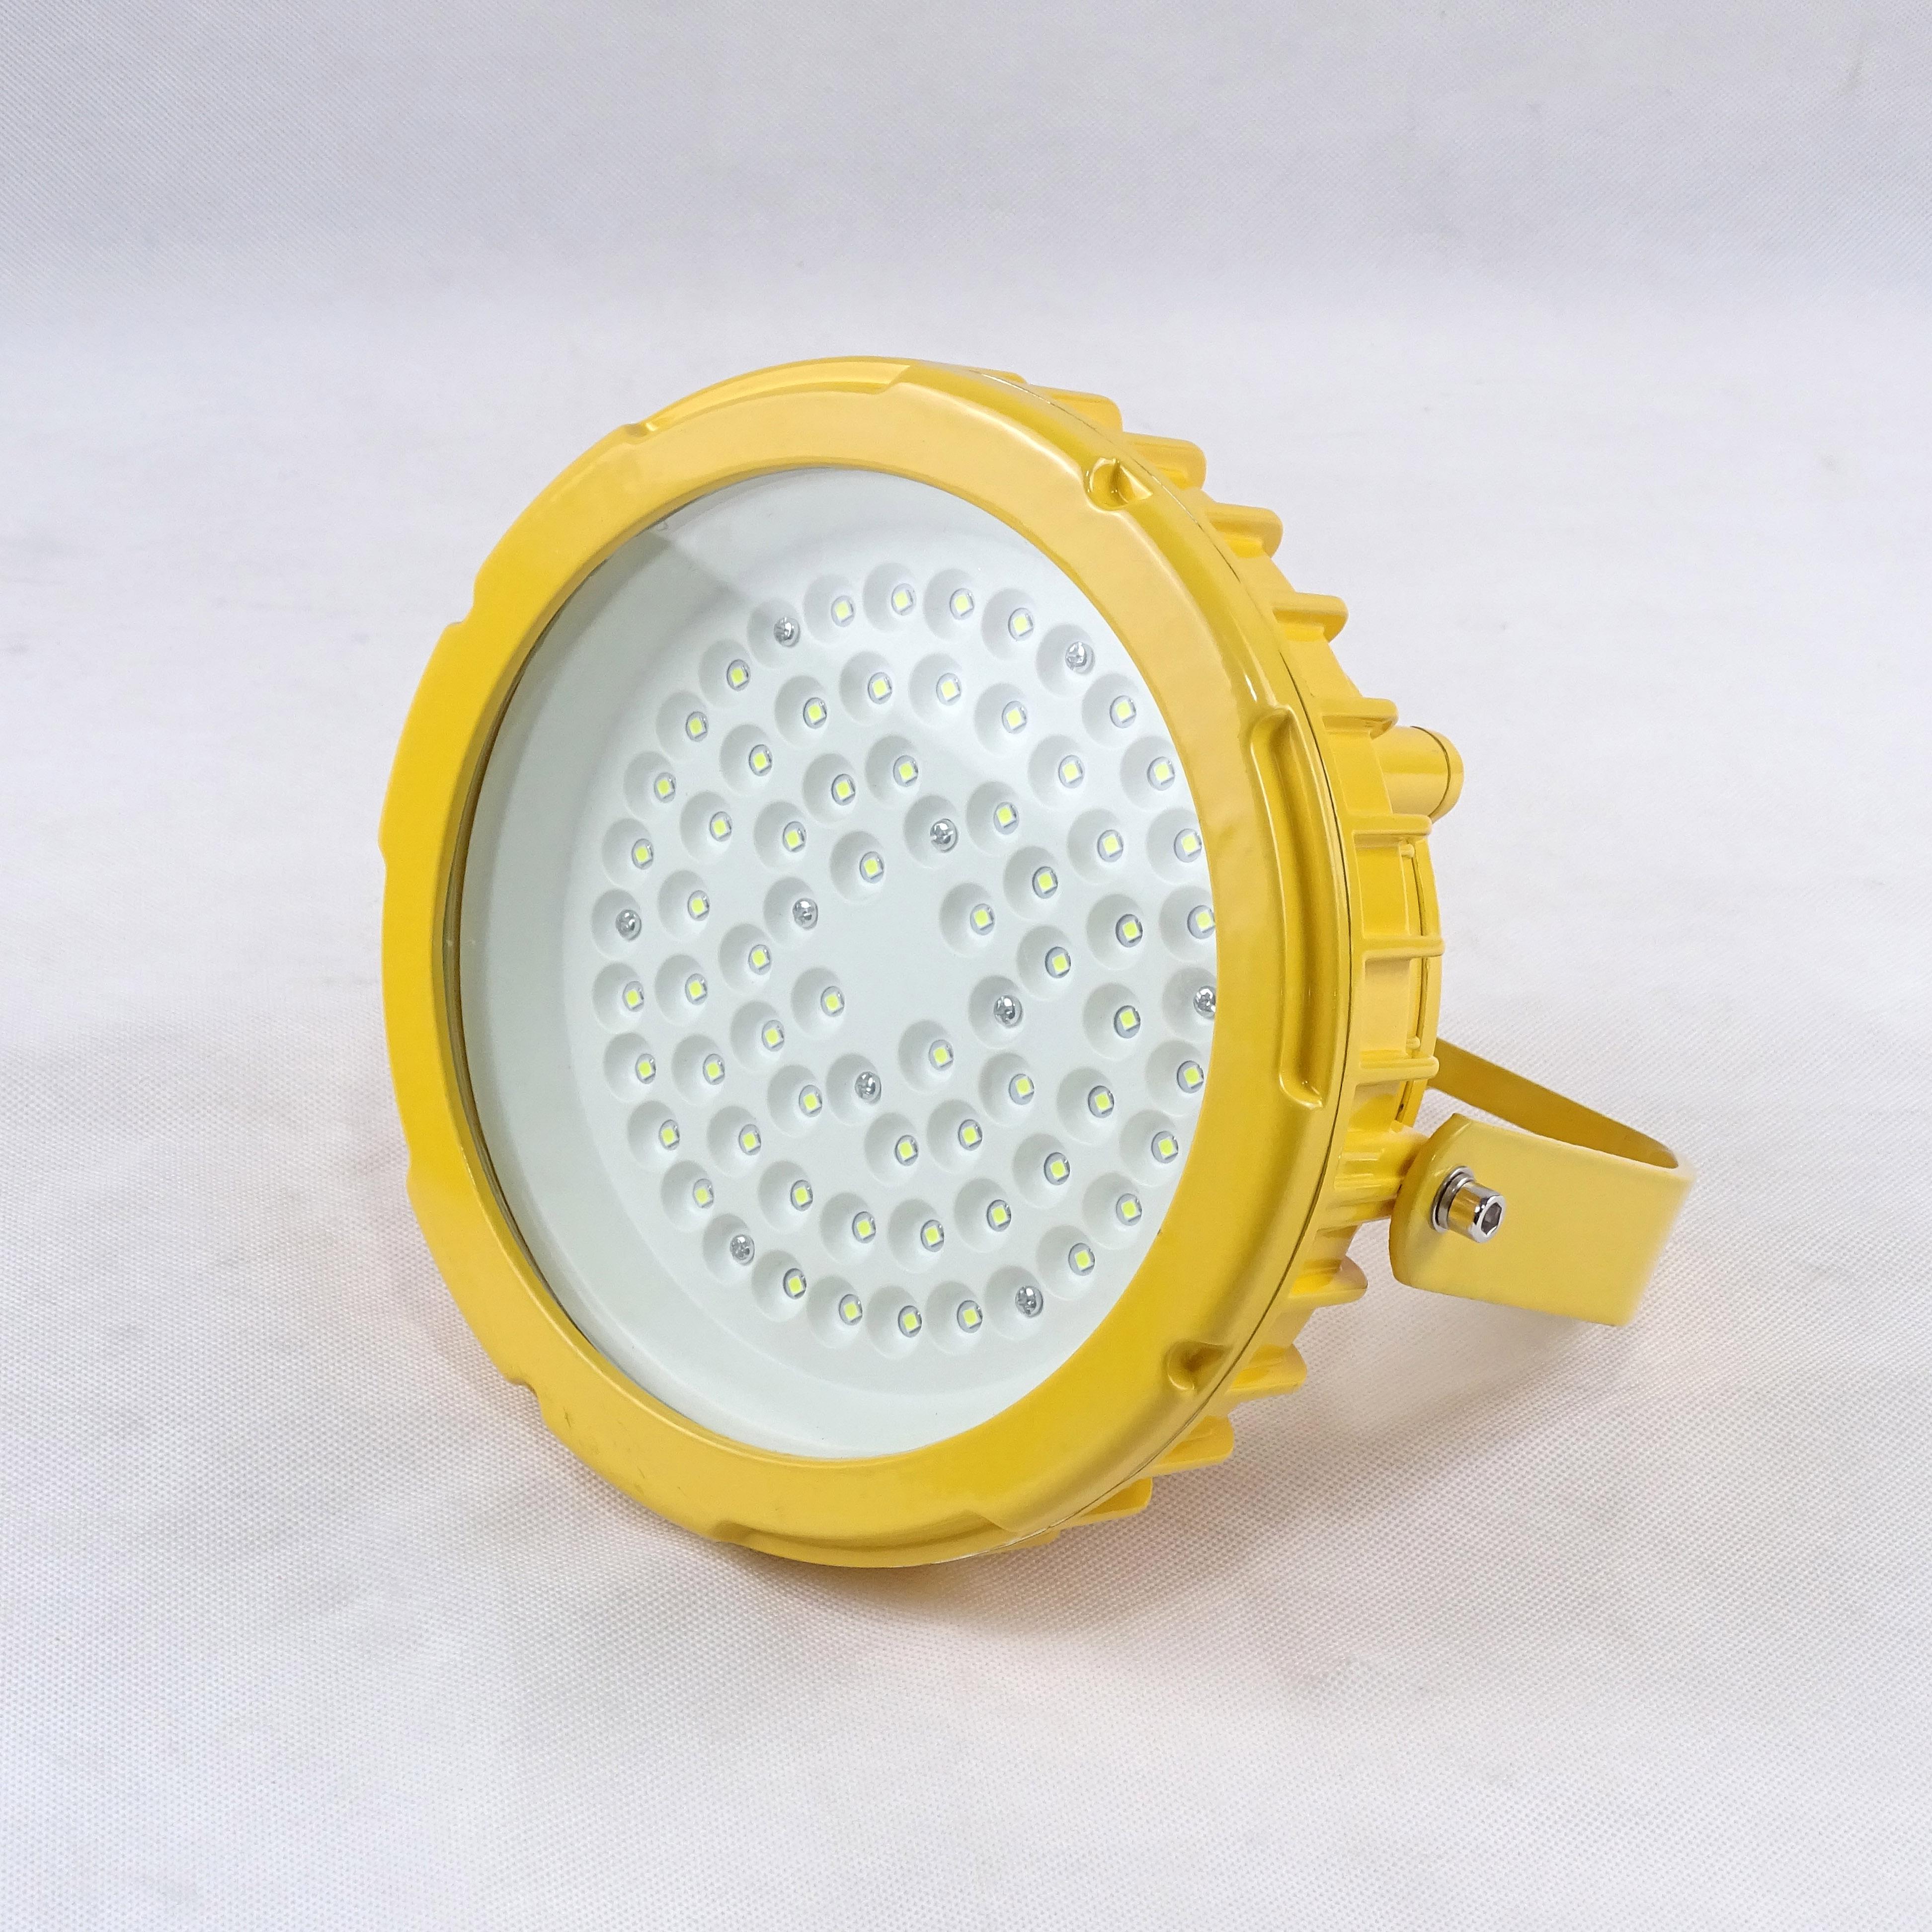 在使用LED防爆灯时应注意哪些?